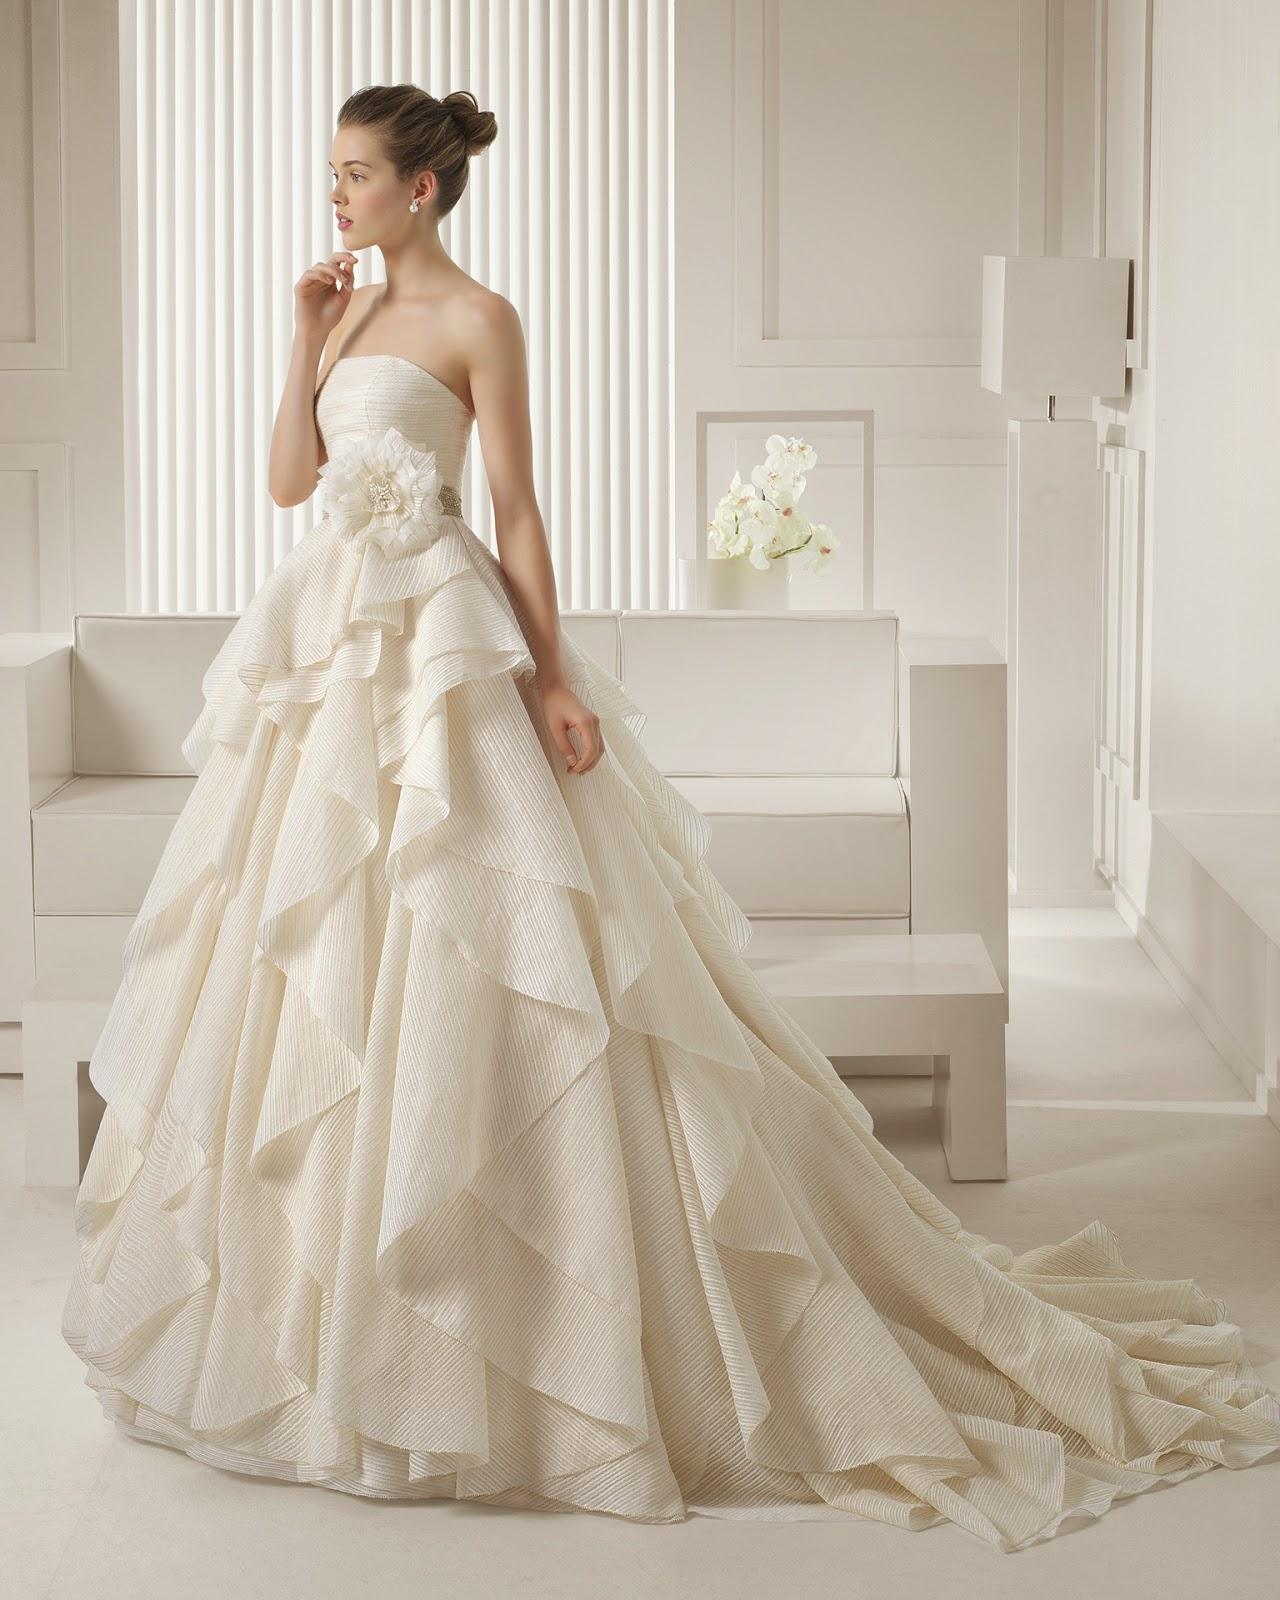 abiti da sposa 2015 Rosa Clarà e temi matrimonio